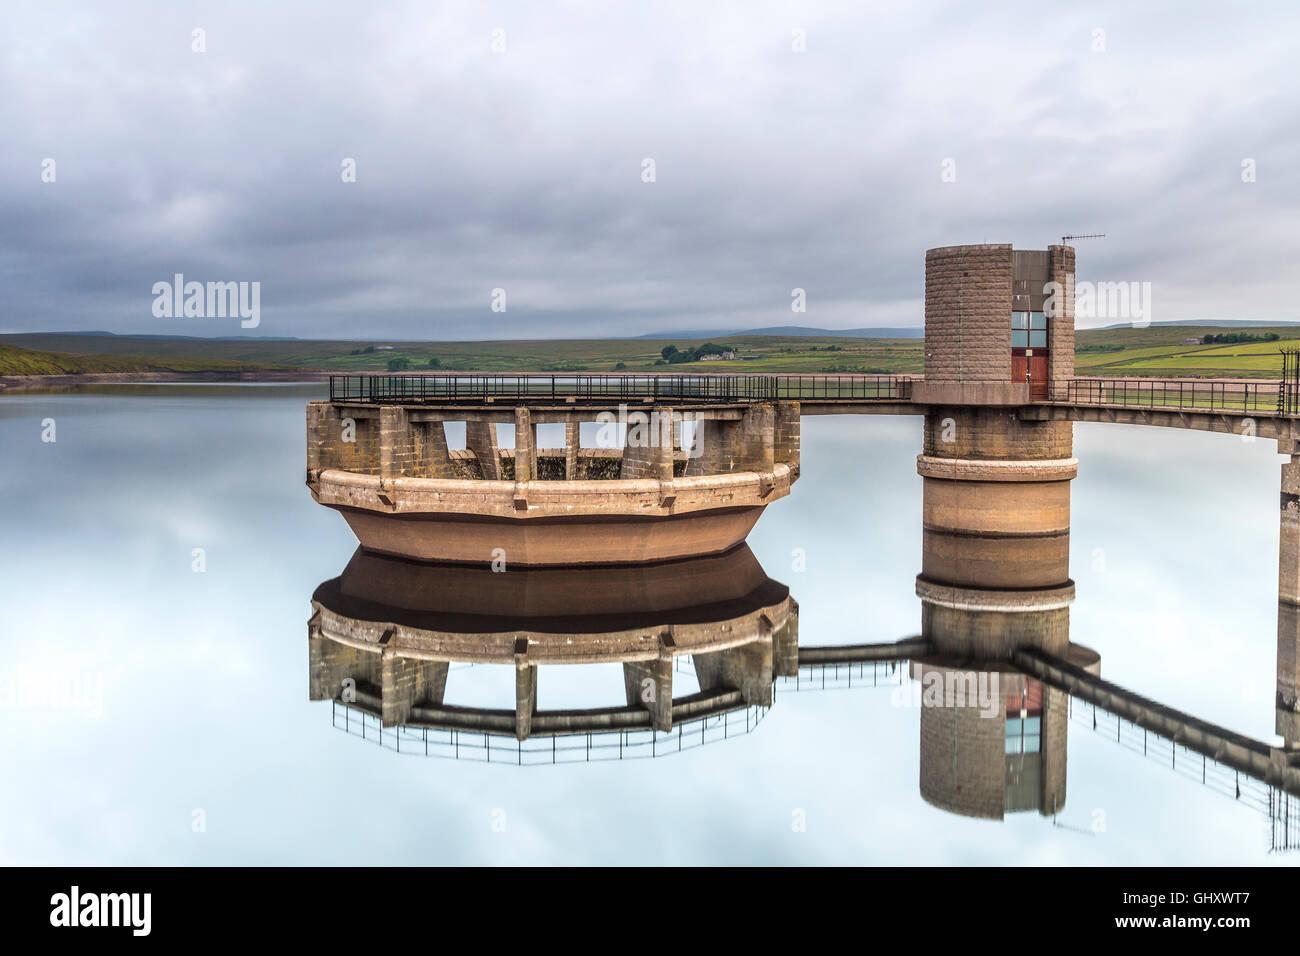 Overflow of Balderhead Reservoir in Dry Weather Baldersdale, Teedale, County Durham, UK - Stock Image